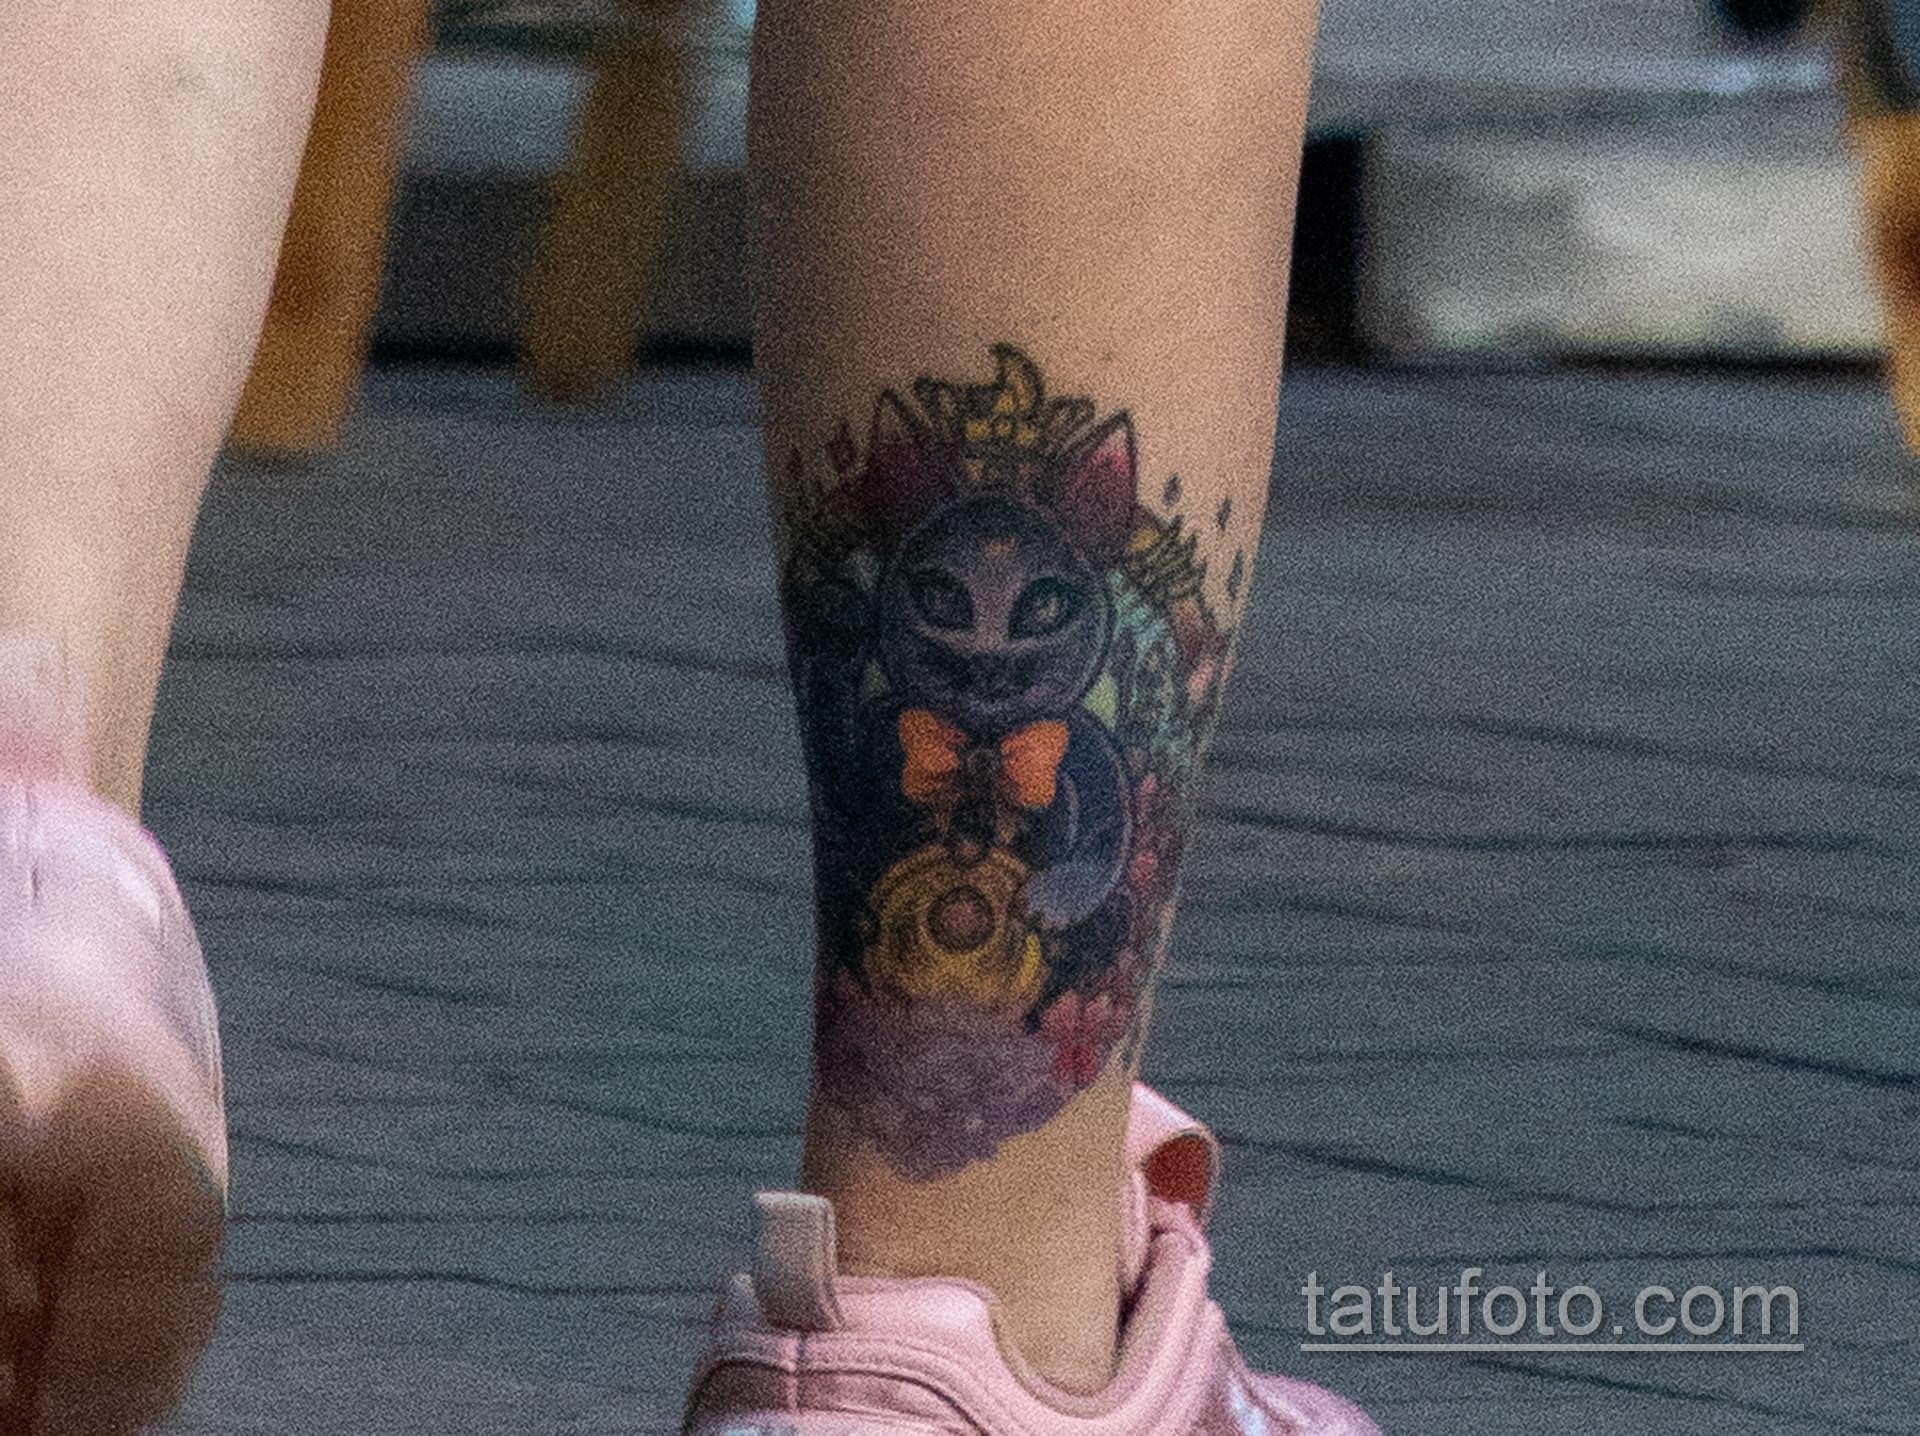 Цветастая татуировка с киской внизу ноги девушки – Уличная татуировка 14.09.2020 – tatufoto.com 4